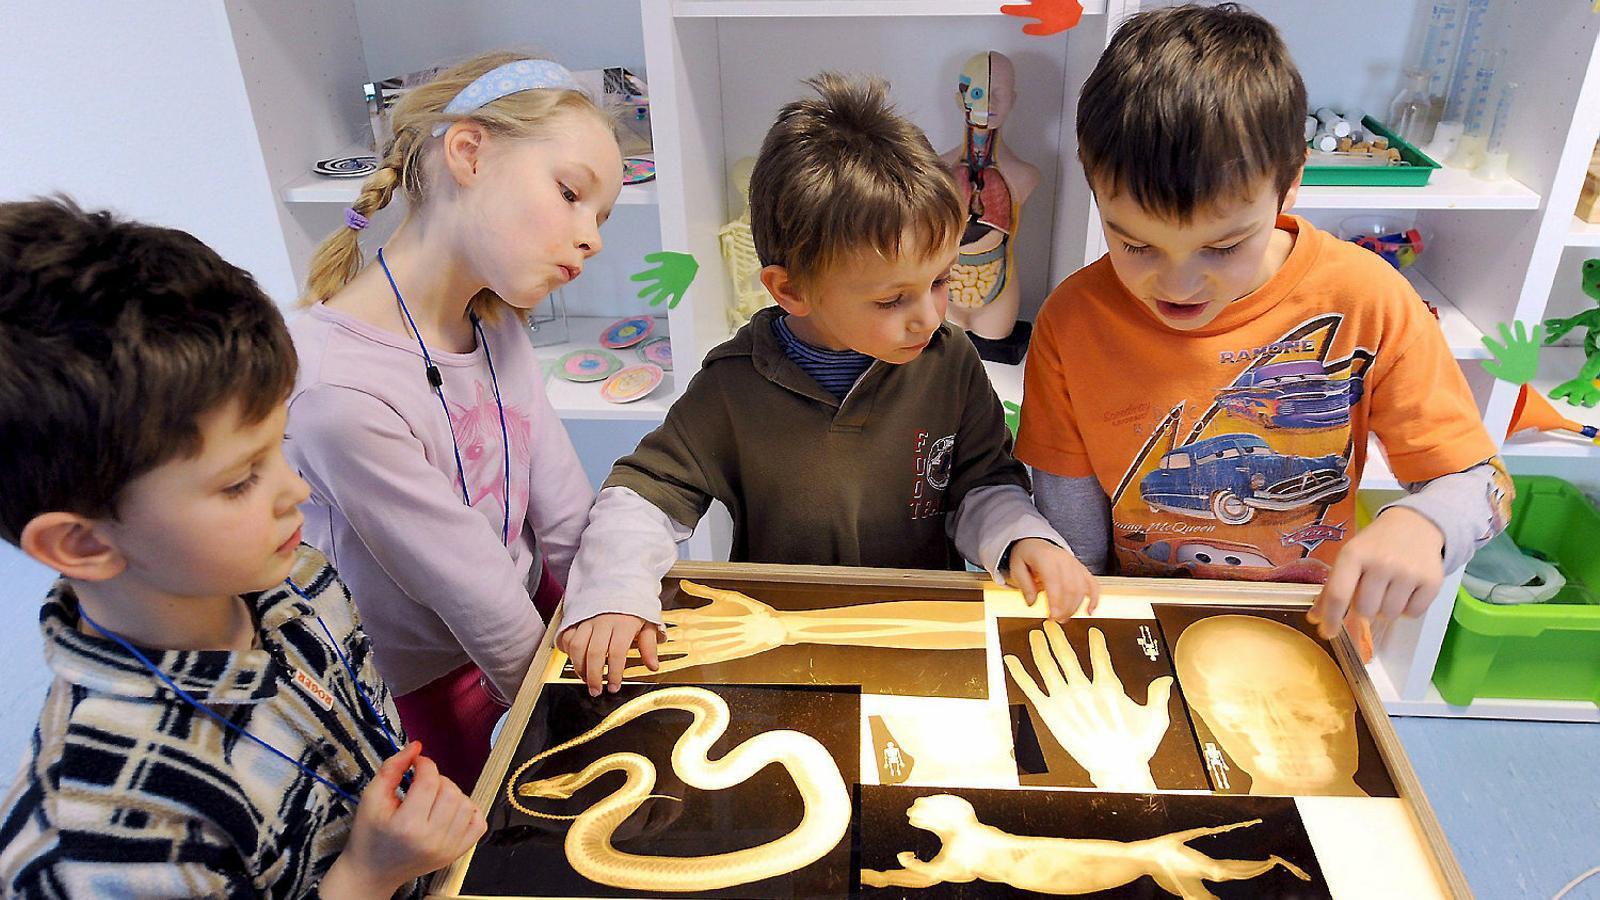 Uns nens en una guarderia a Alemanya. Per llei, totes les famílies tenen dret a portar-hi els infants a partir dels 12 mesos.